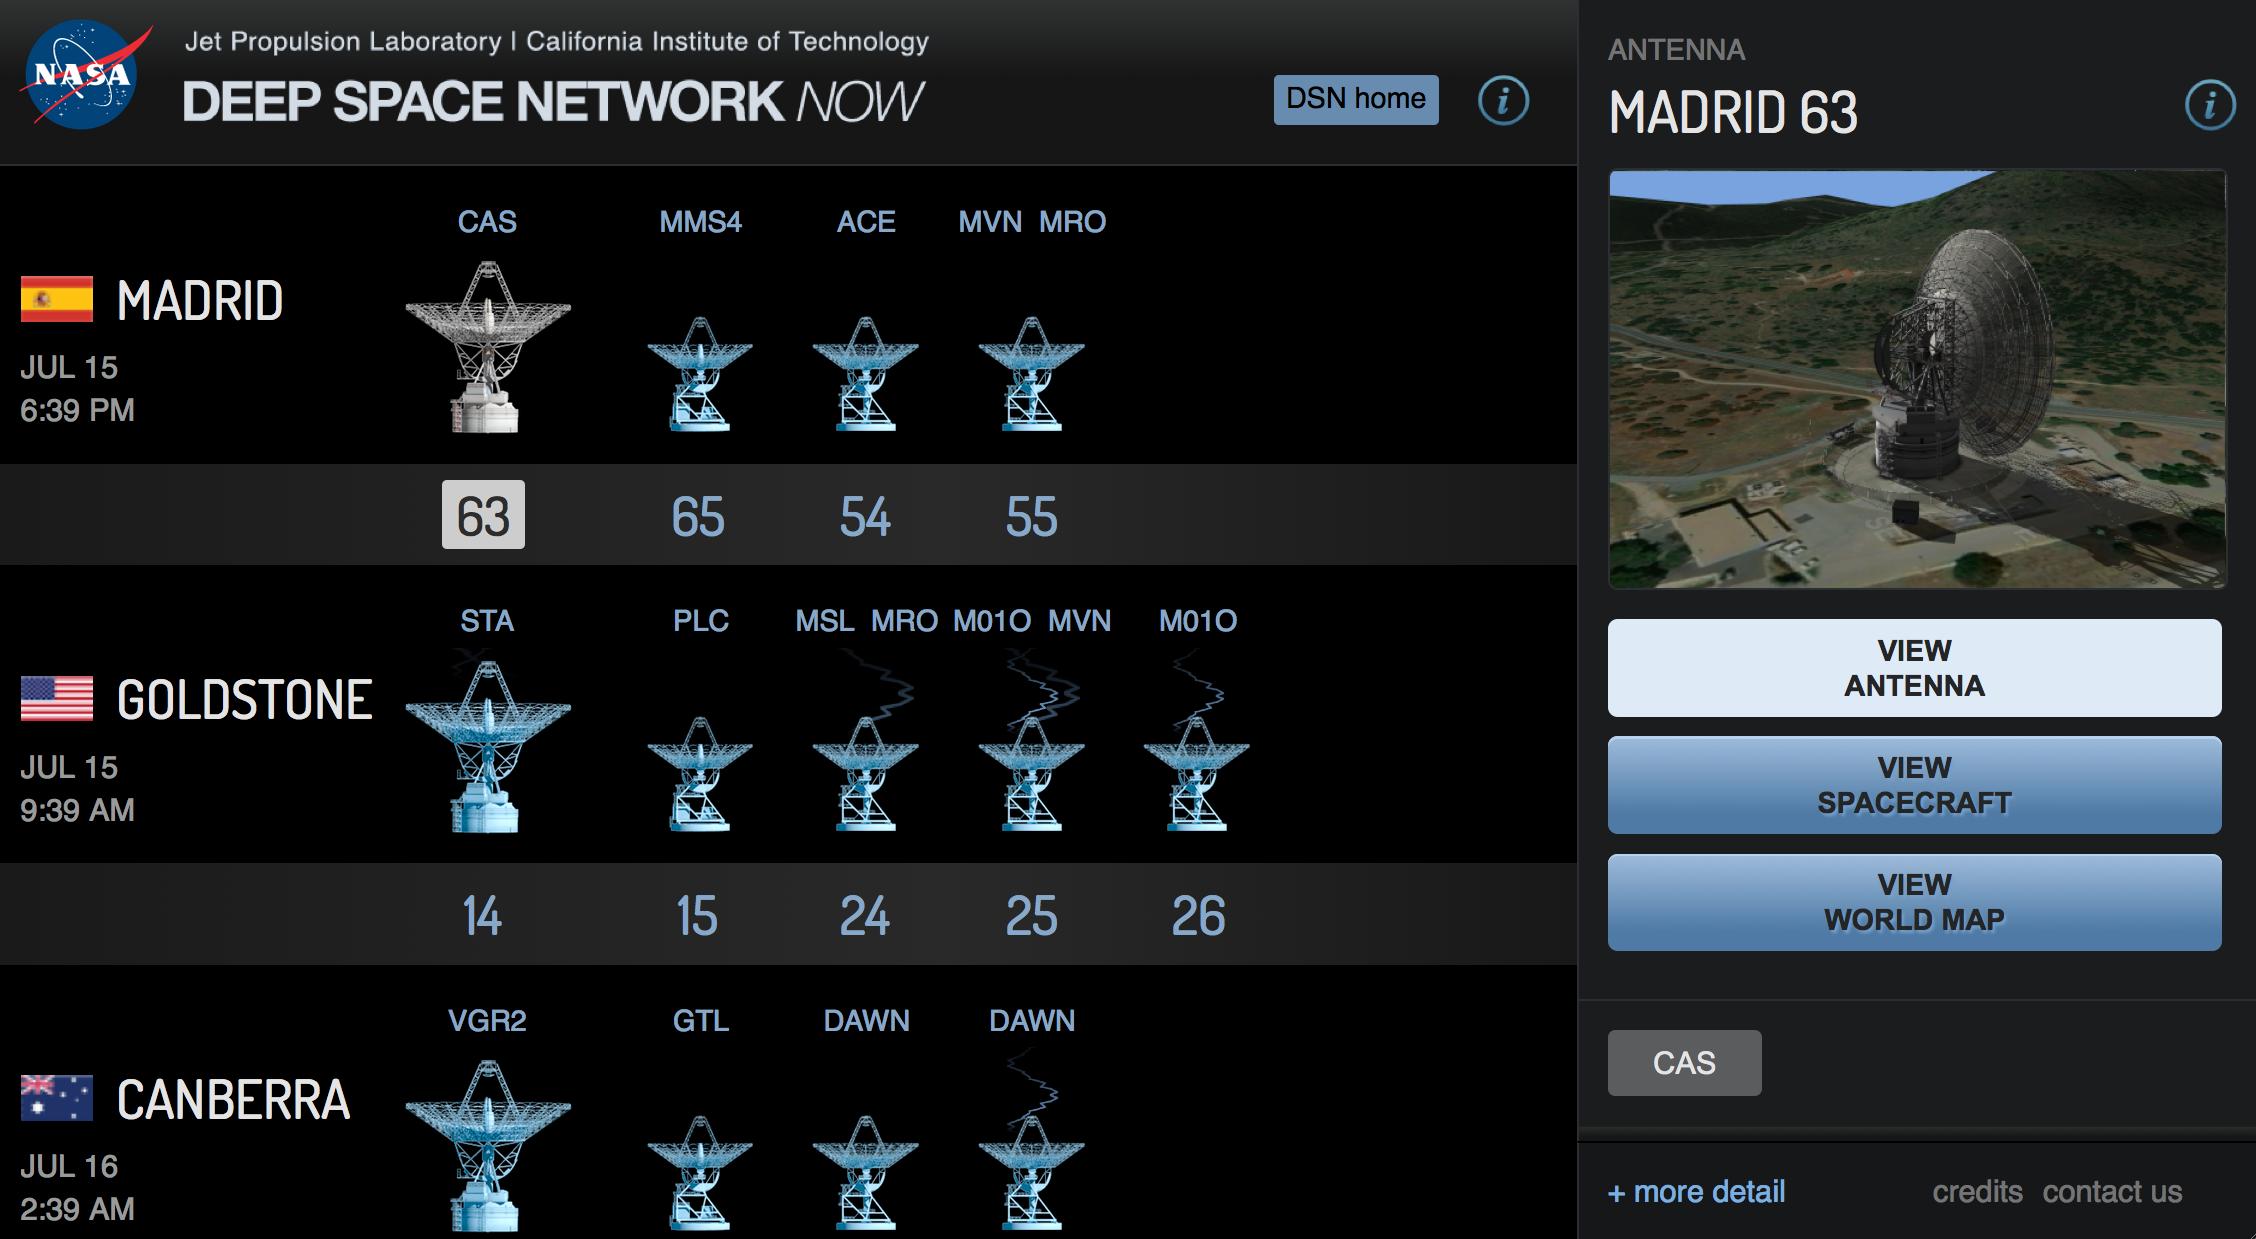 Mittwoch, 18:43 Uhr: Die Nasa ist clever, um die Wartezeit auf die ersten hoch auflösenden Bilder der Sonde New Horizons vom Pluto zu verkürzen. Sie überträgt live und animiert, welche Radarantennen weltweit gerade Signale empfangen.